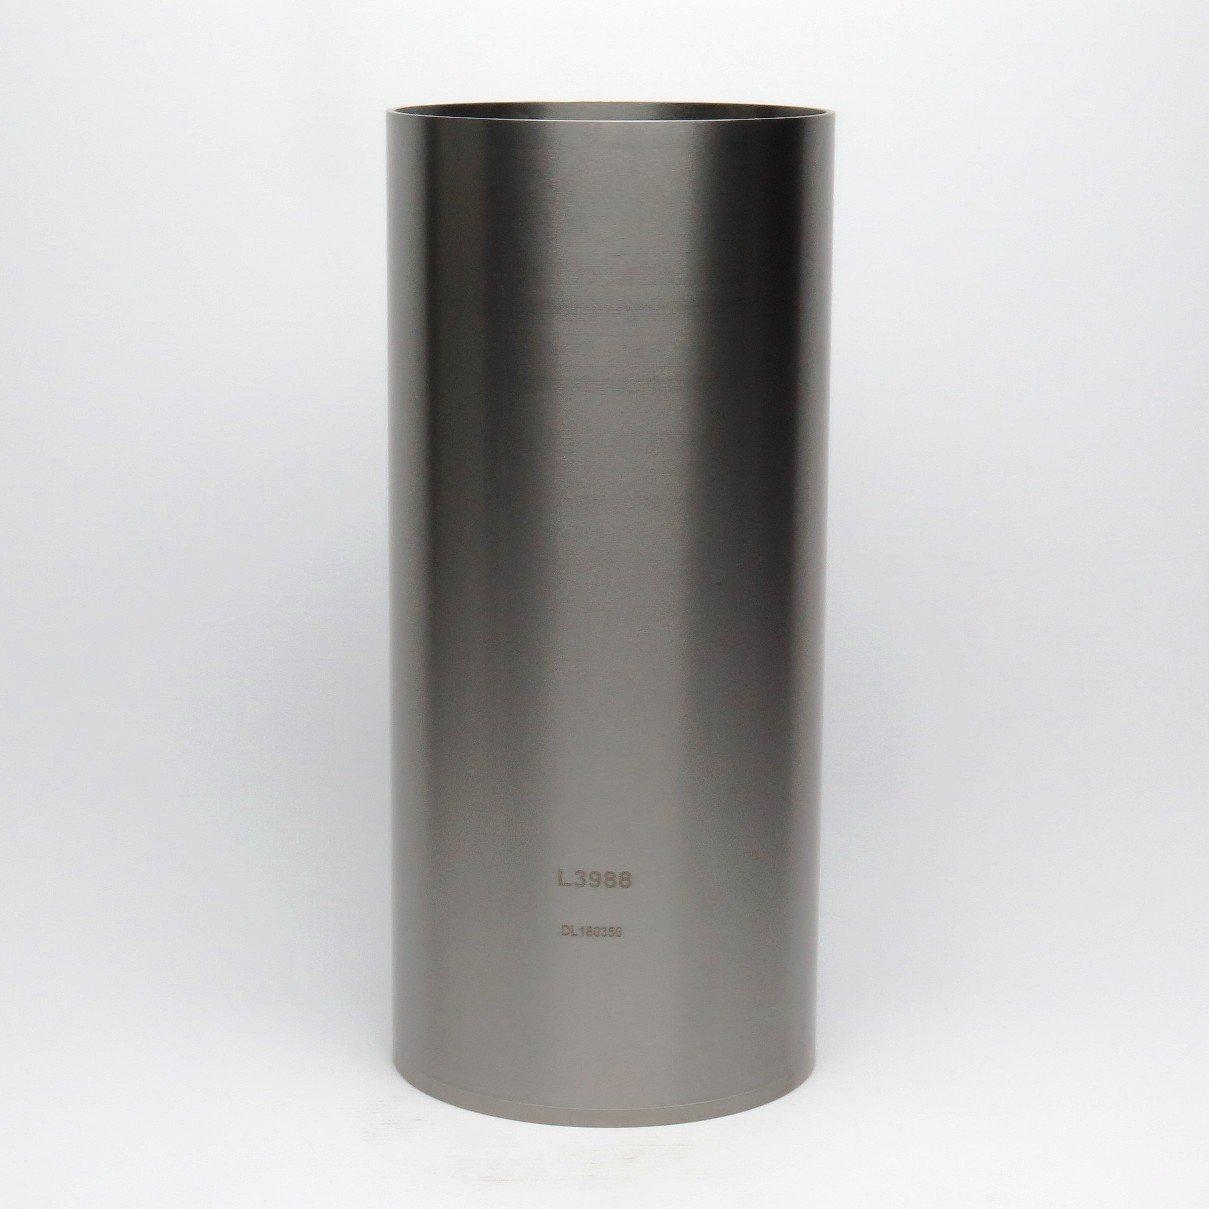 L 3988 - Cylinder Repair Liner